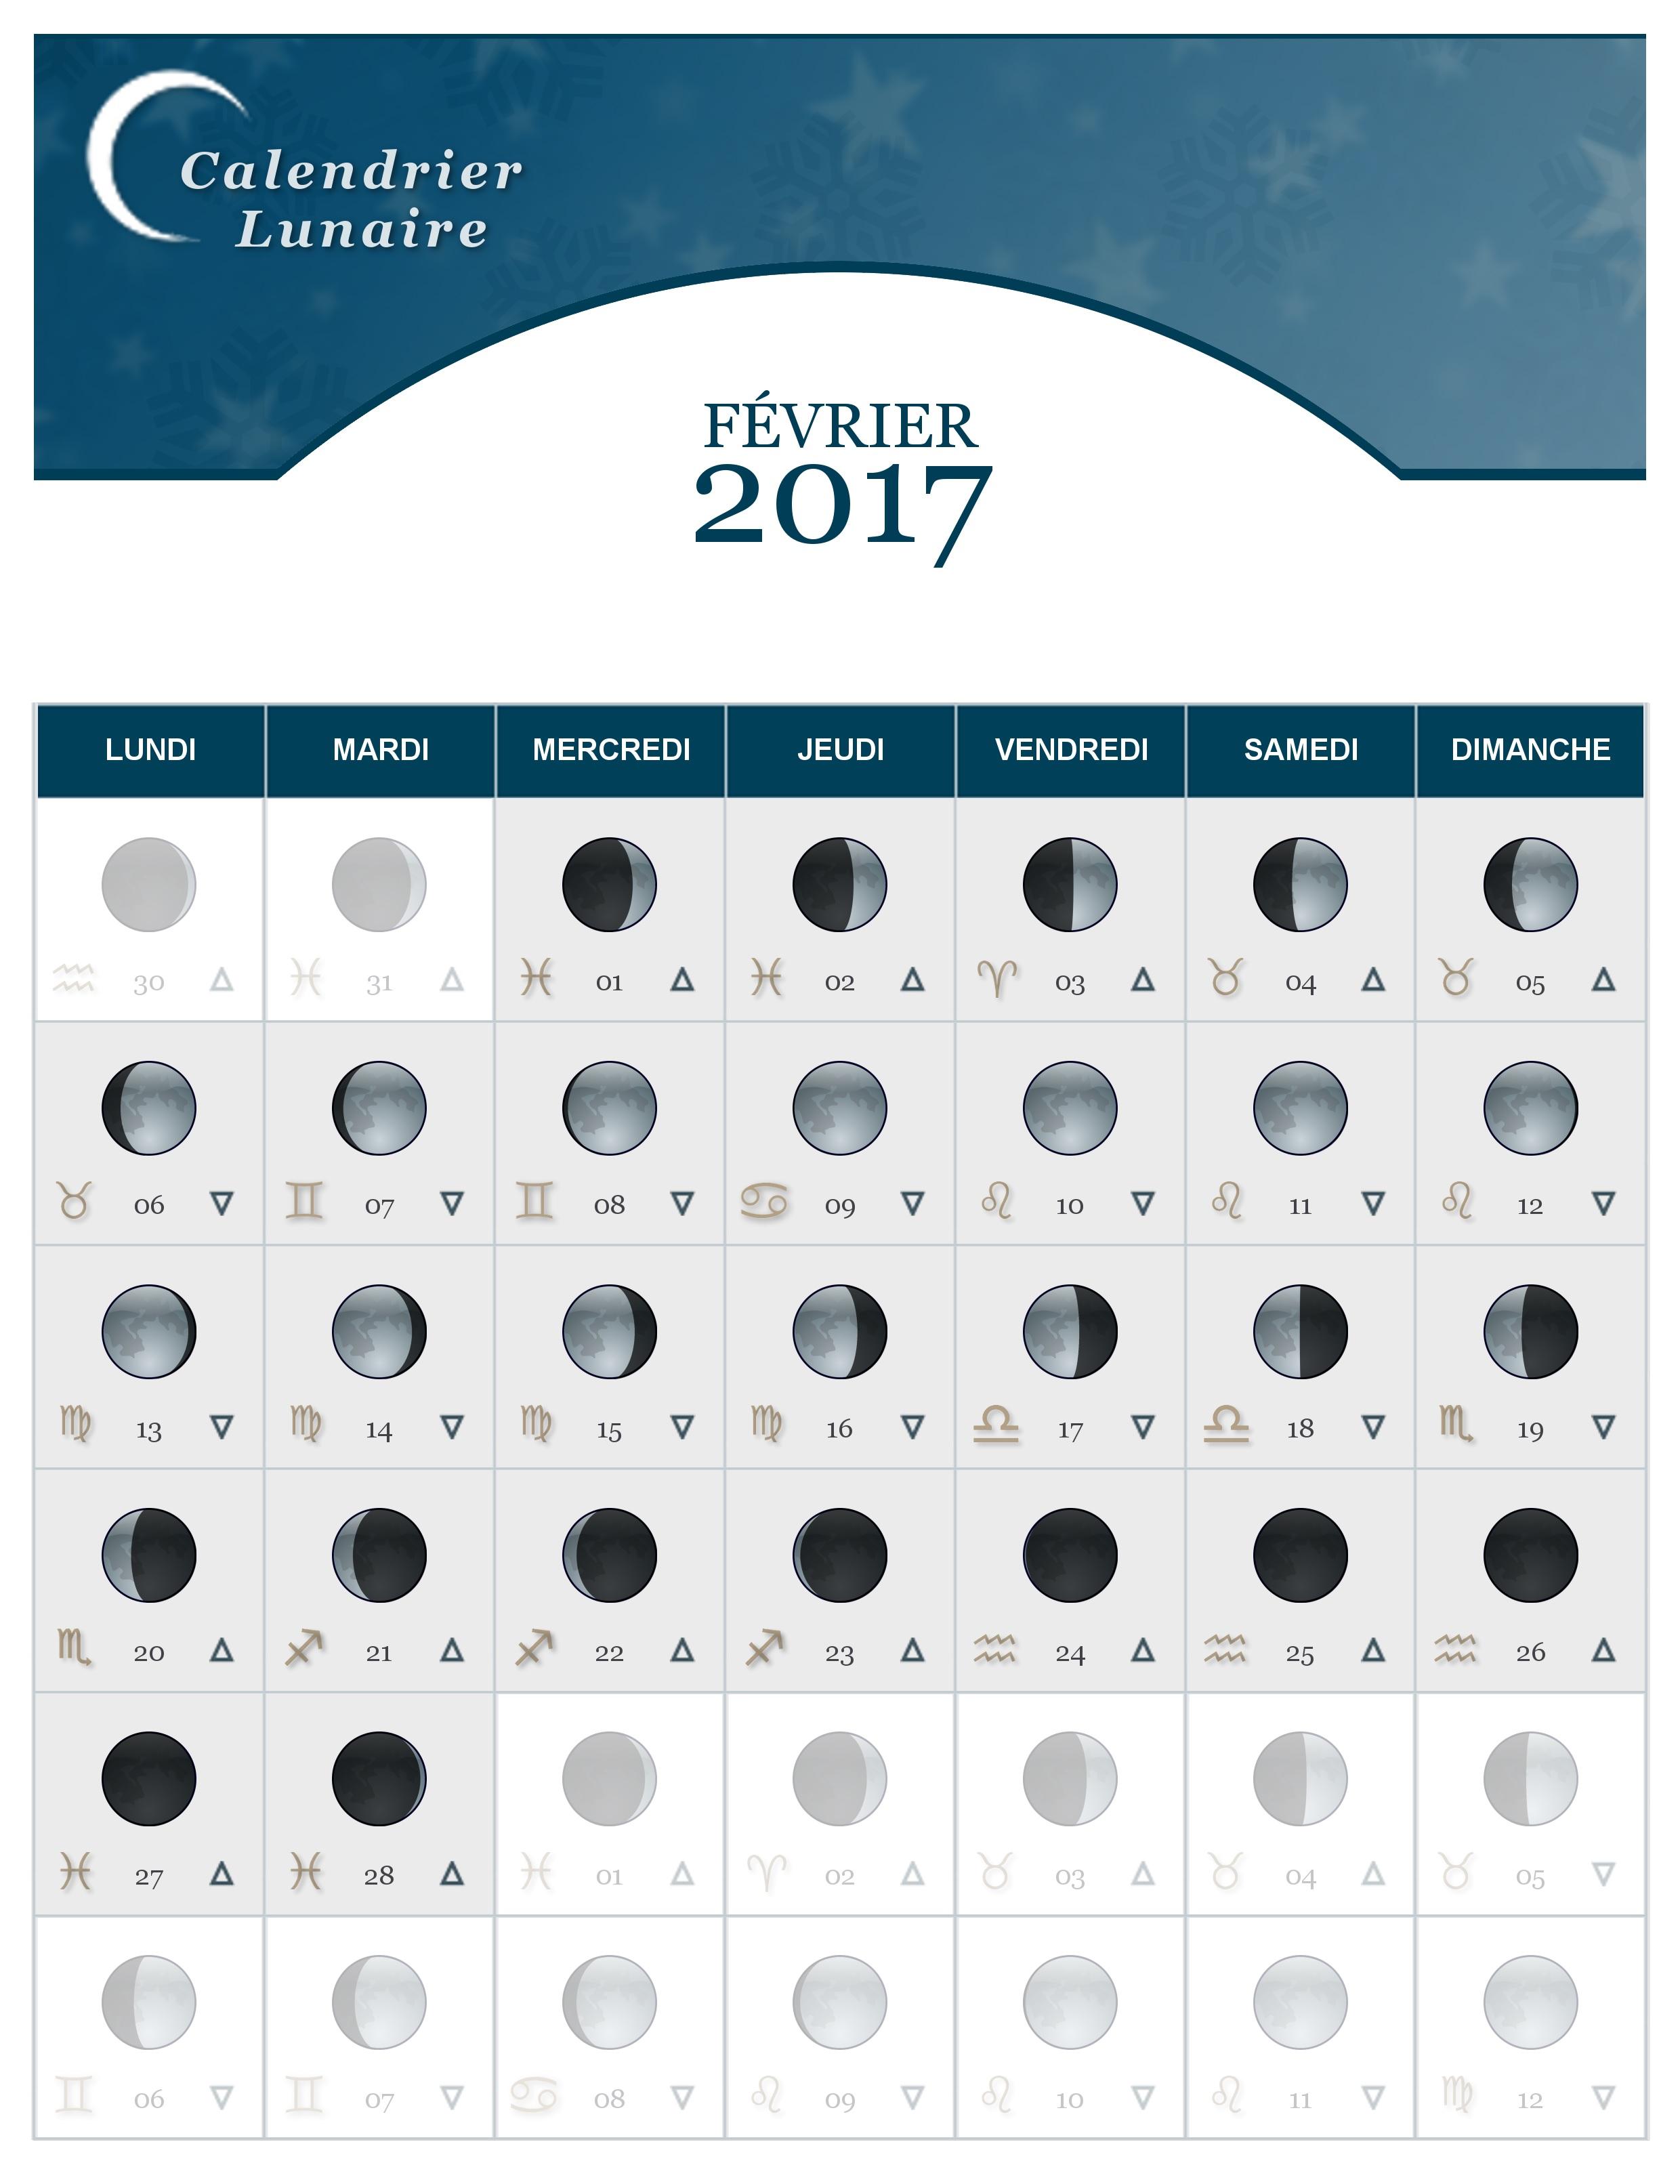 Calendrier lunaire fevrier 2017 - Calendrier lunaire jardin 2017 ...